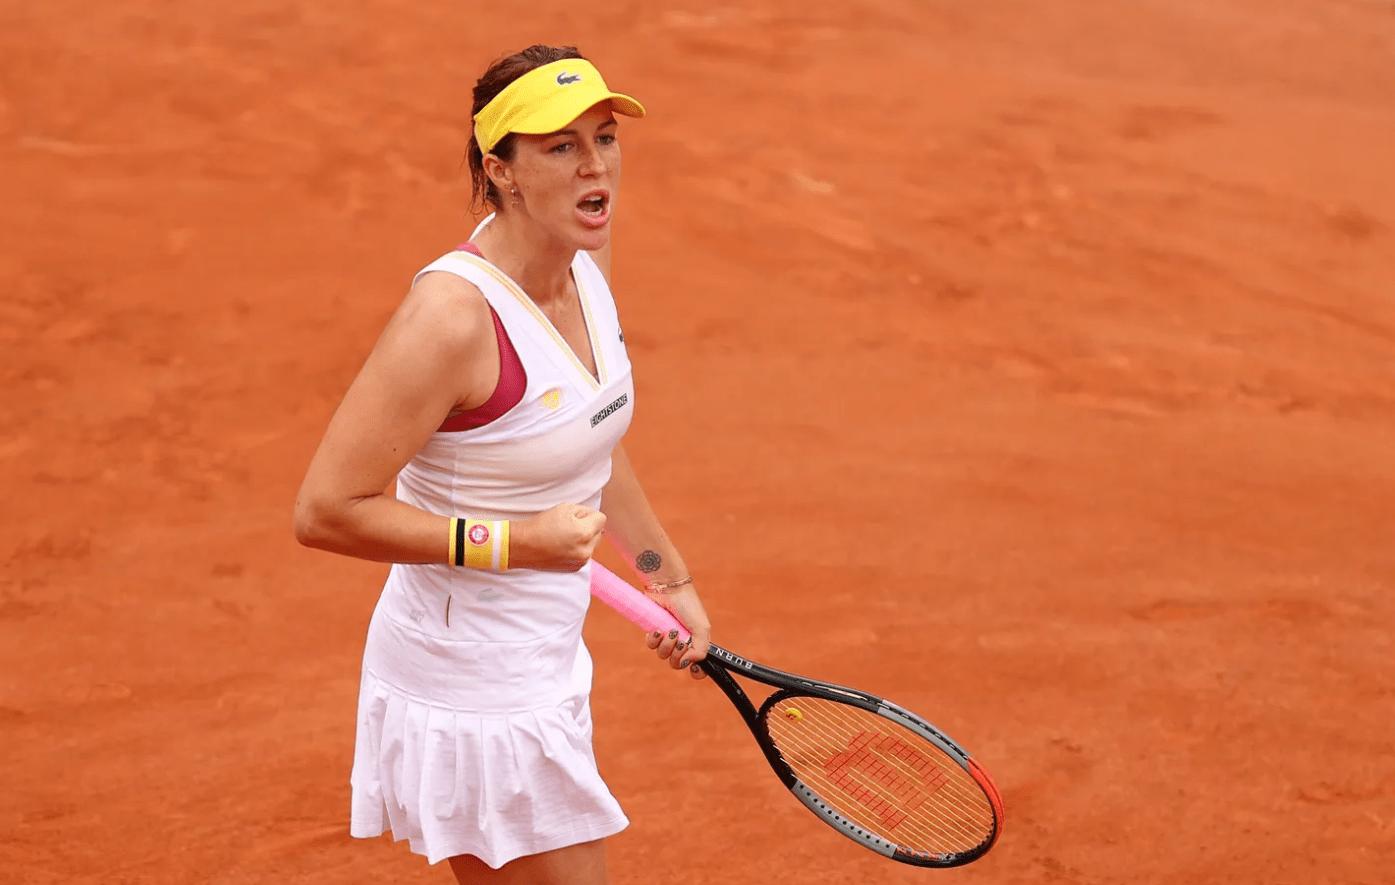 Павлюченкова в паре с Рыбакиной уступила в четвертьфинале «Ролан Гаррос»